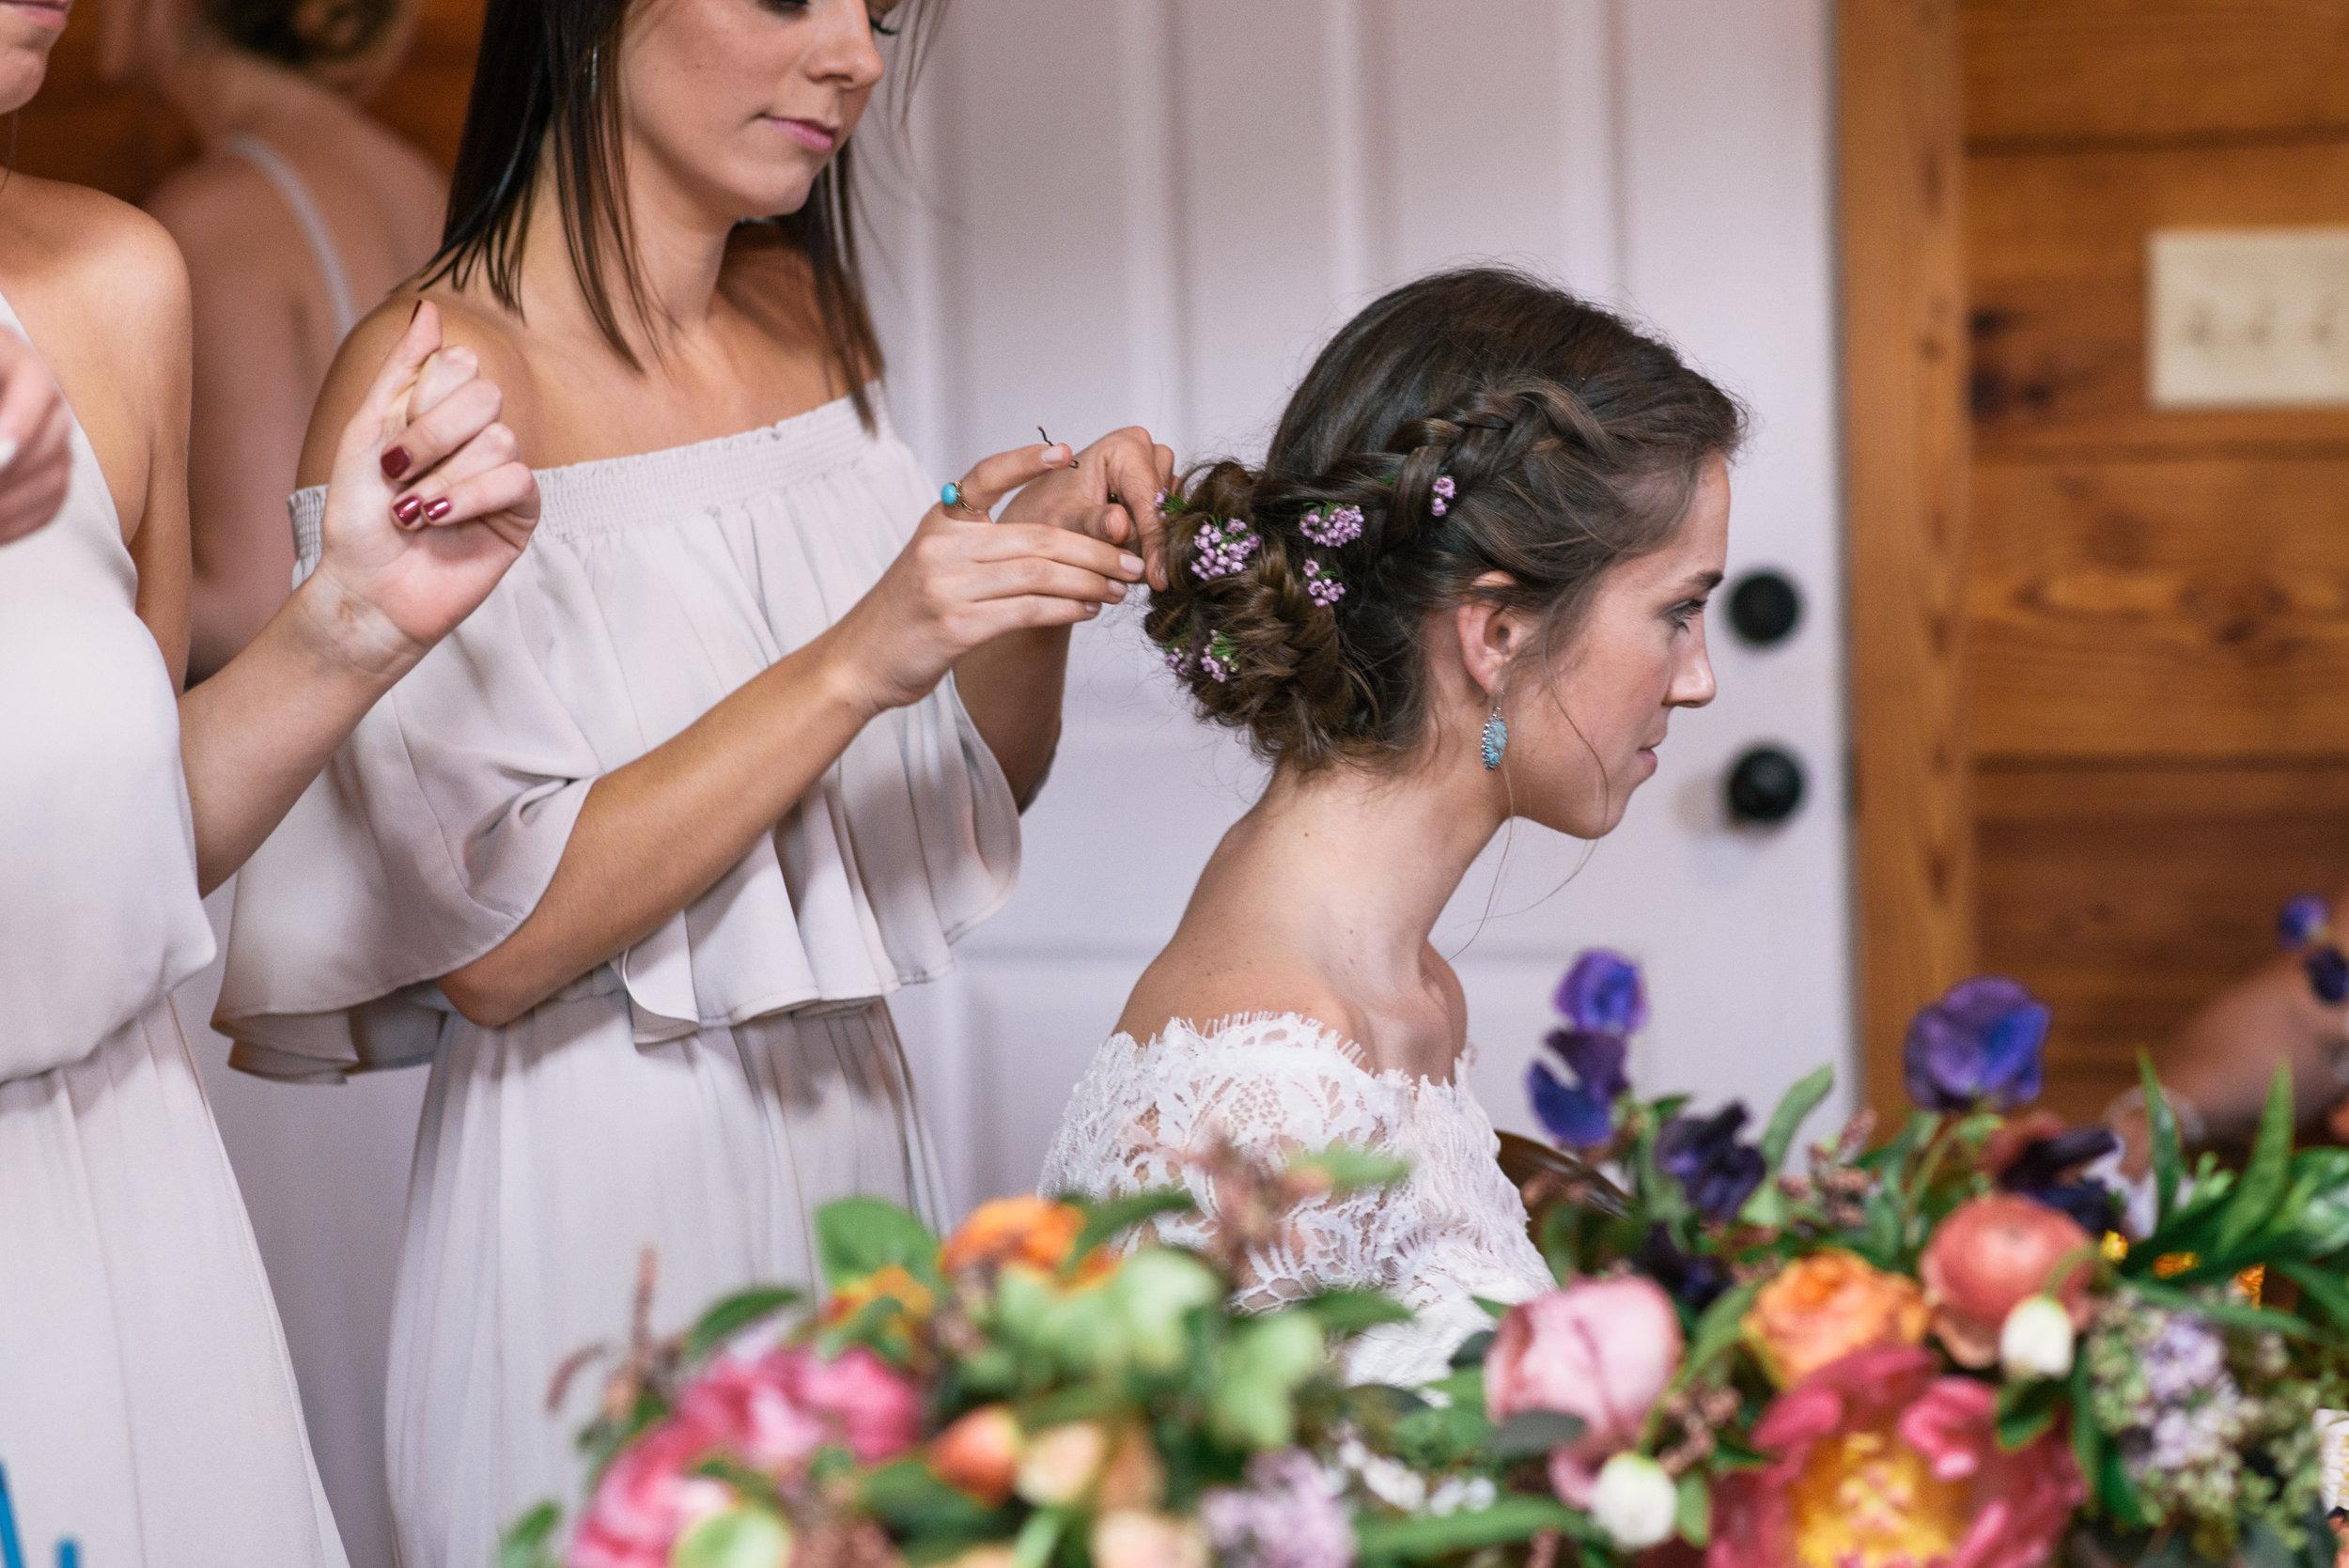 raleigh-elopement-photographer-raleigh-durham-wedding-maddie-and-devin- (84 of 162).jpg